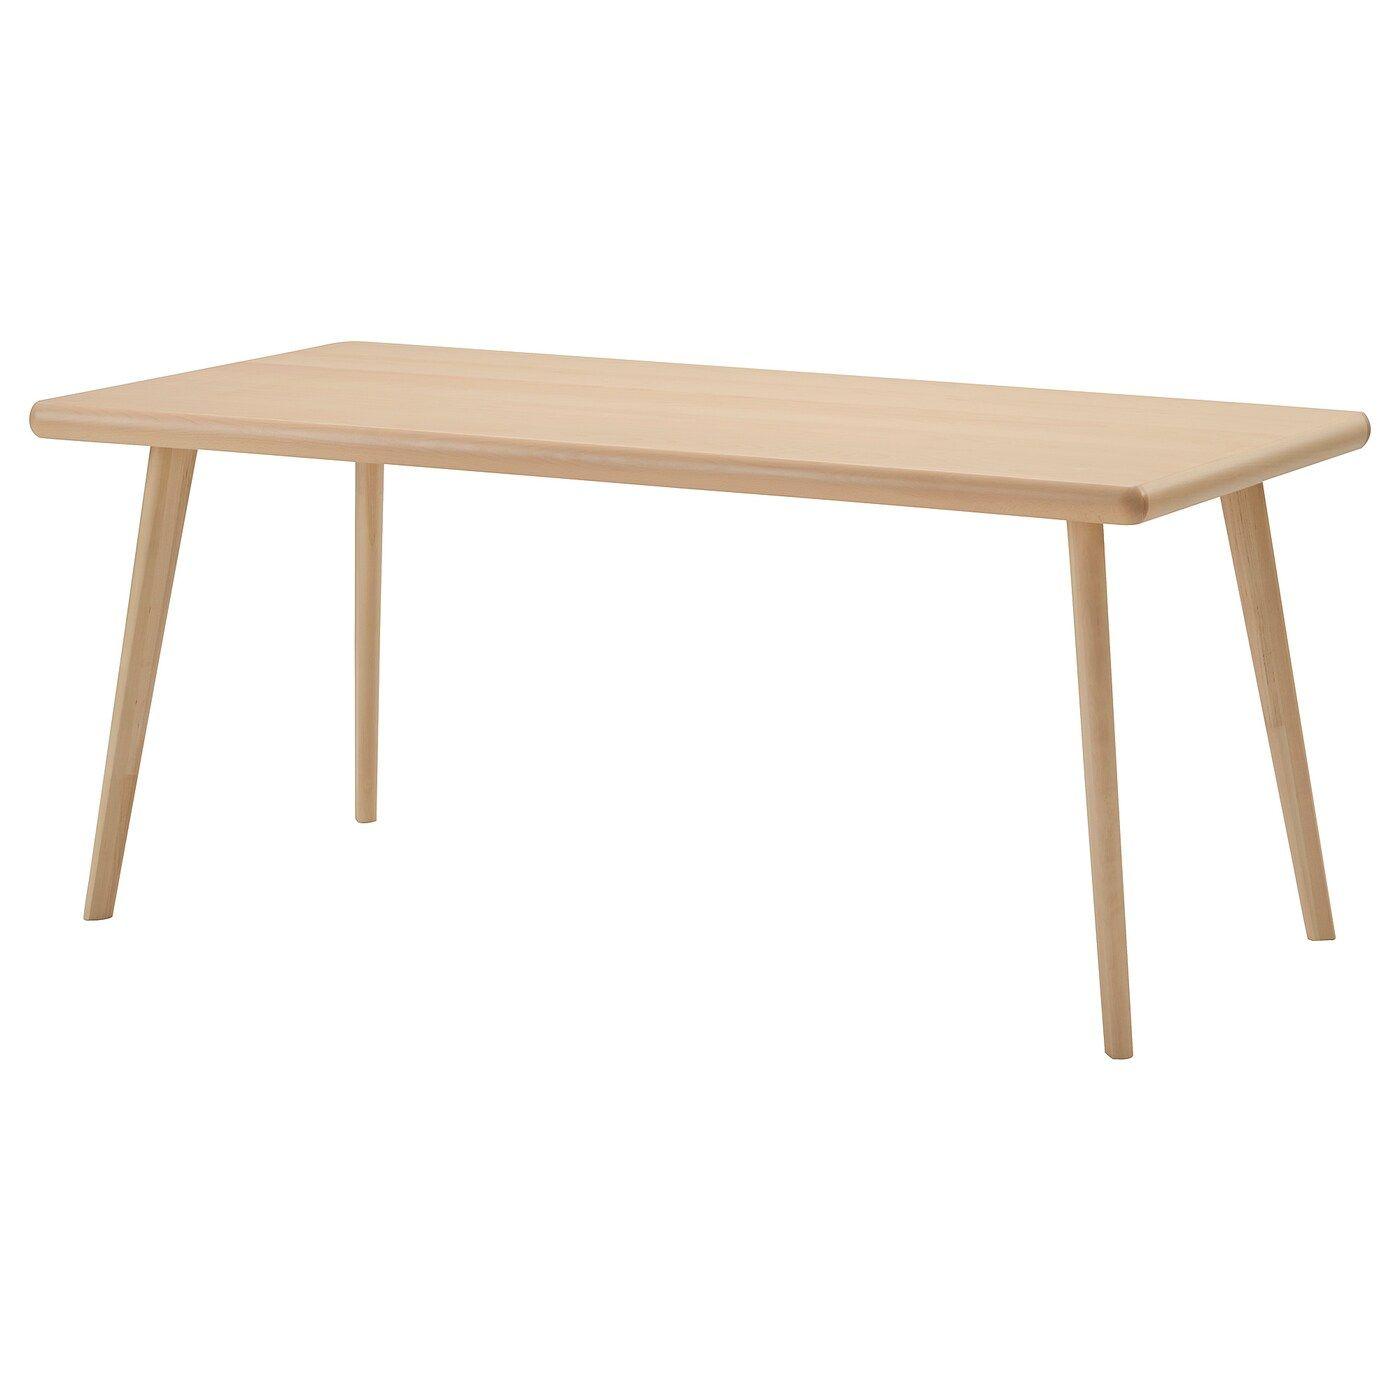 Markerad Tisch Buche Birke Ikea Osterreich In 2020 Ikea Tisch Ikea Esstisch Ikea